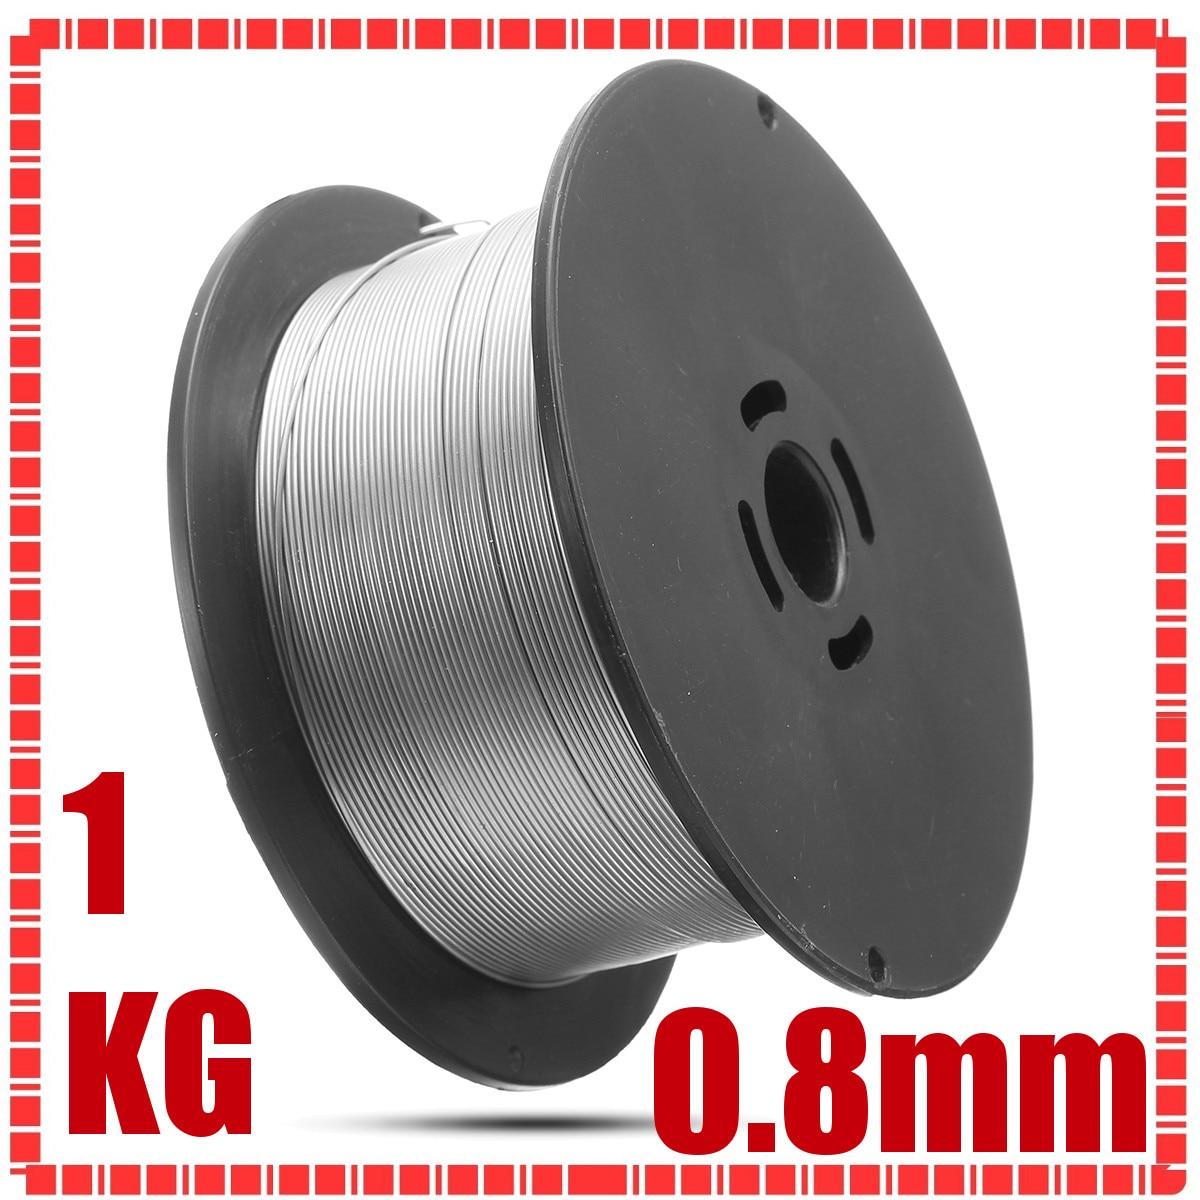 1 rotolo di 1 kg In Acciaio Inox Gasless Mig Fili per Saldatura 0.8mm Animati Saldatura Accessori Per Il Cibo Chimica Generale attrezzature